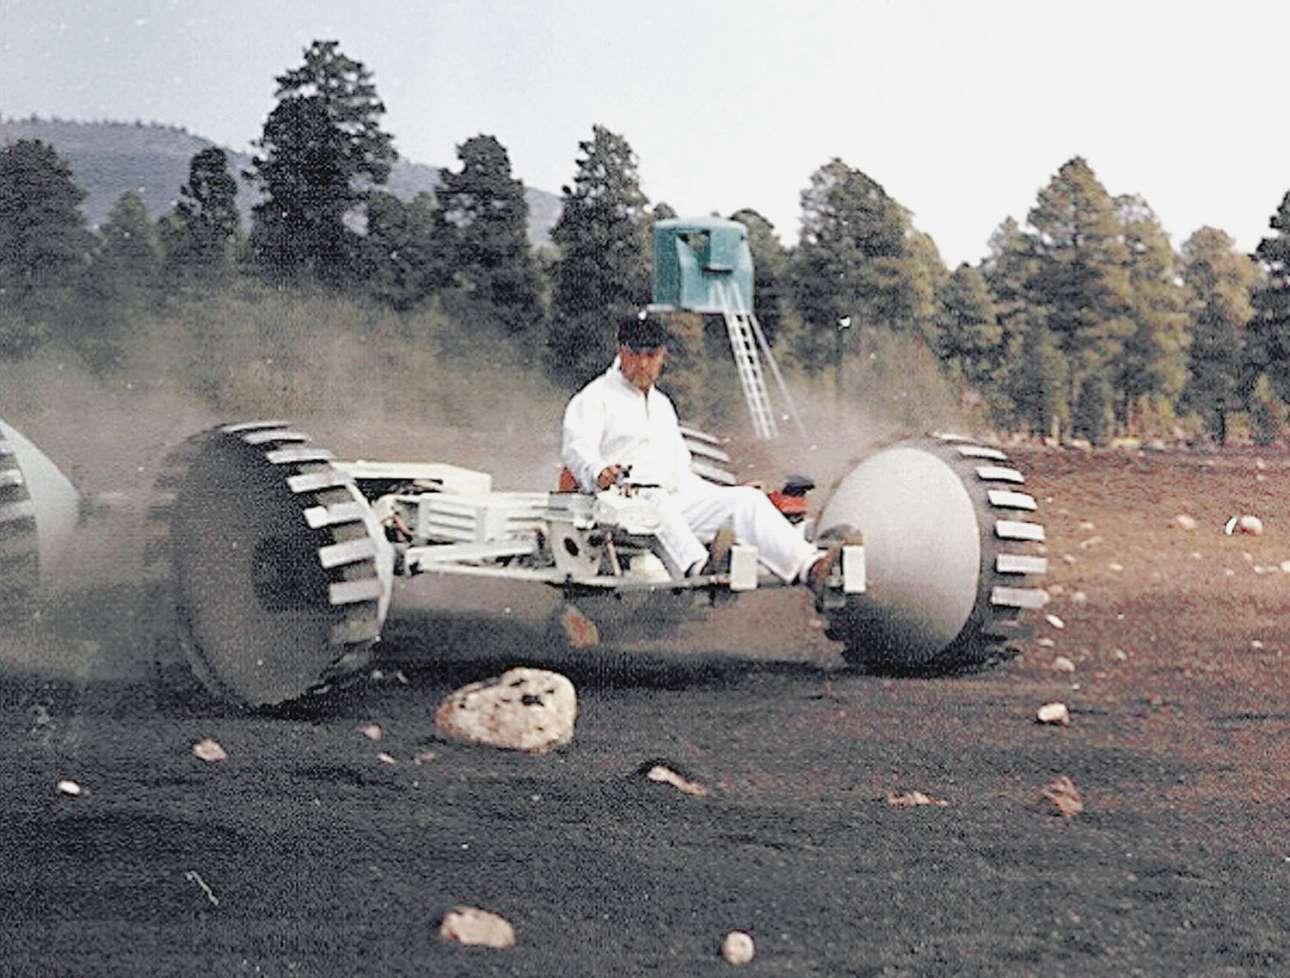 Ενας μηχανικός της Grumman Aircraft Engineering Corporation κάνει δοκιμές σε όχημα που κατασκεύασε η εταιρεία για να μετακινούνται οι αστροναύτες στην επιφάνεια της Σελήνης